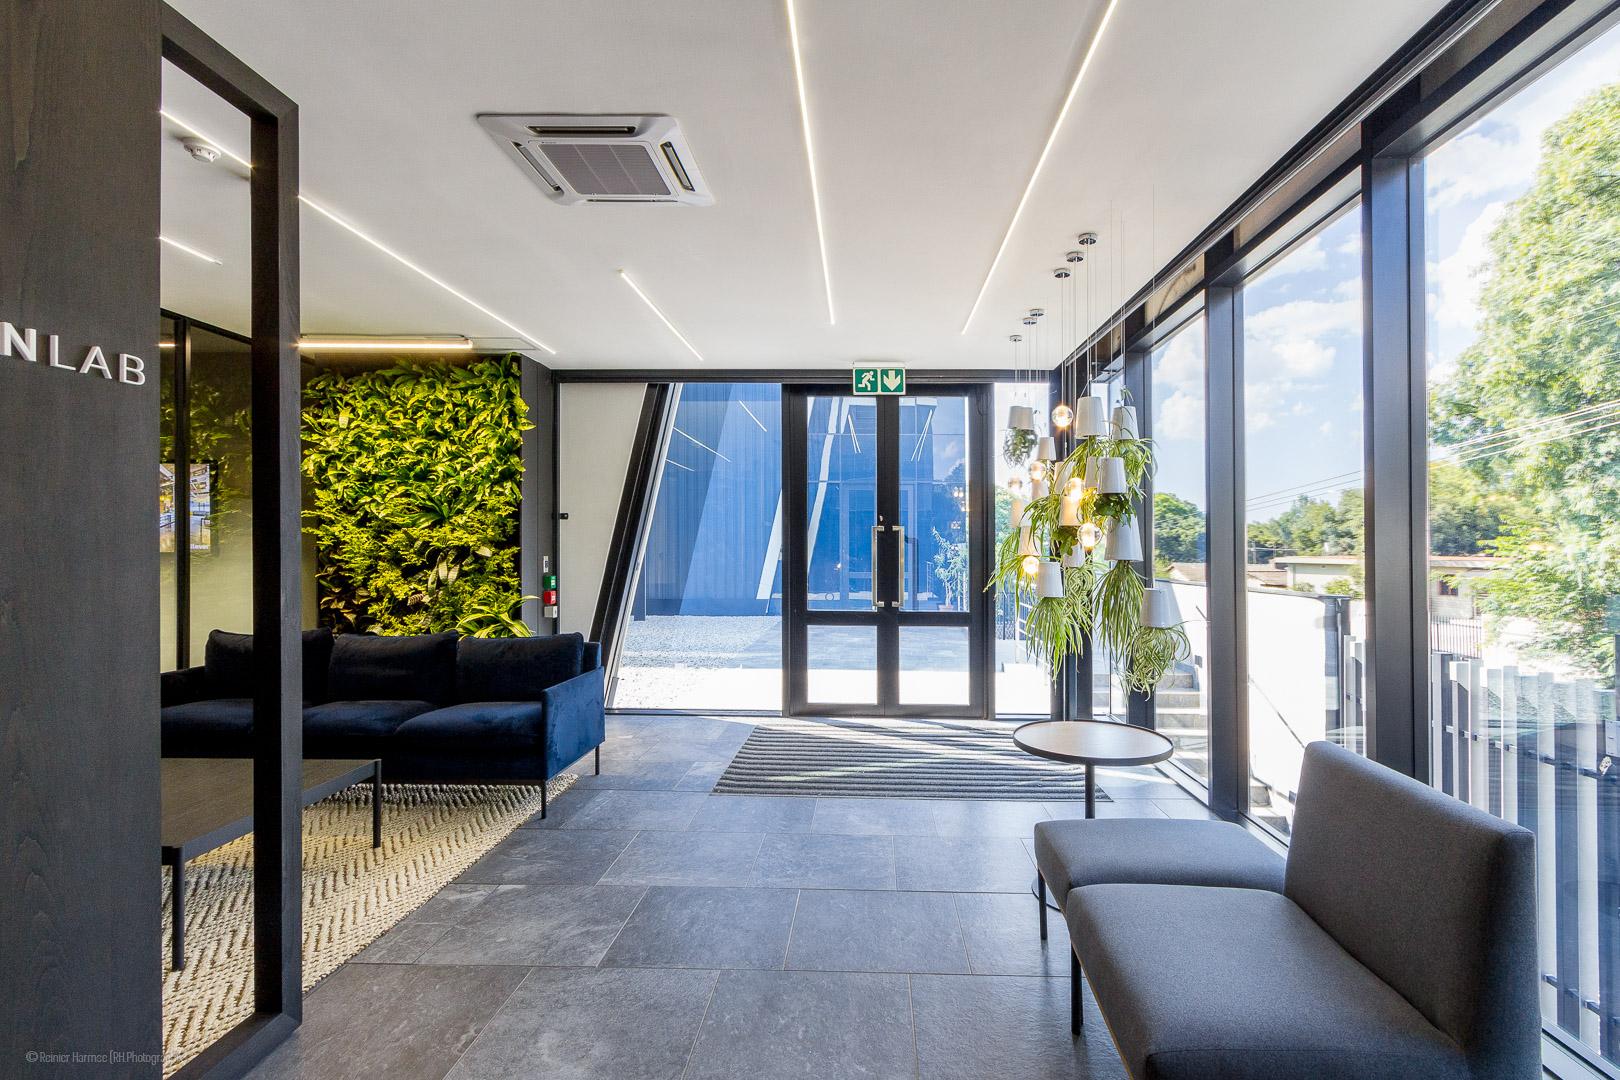 RHPX_Portfolio_Holt Street Parkmore Interior-4